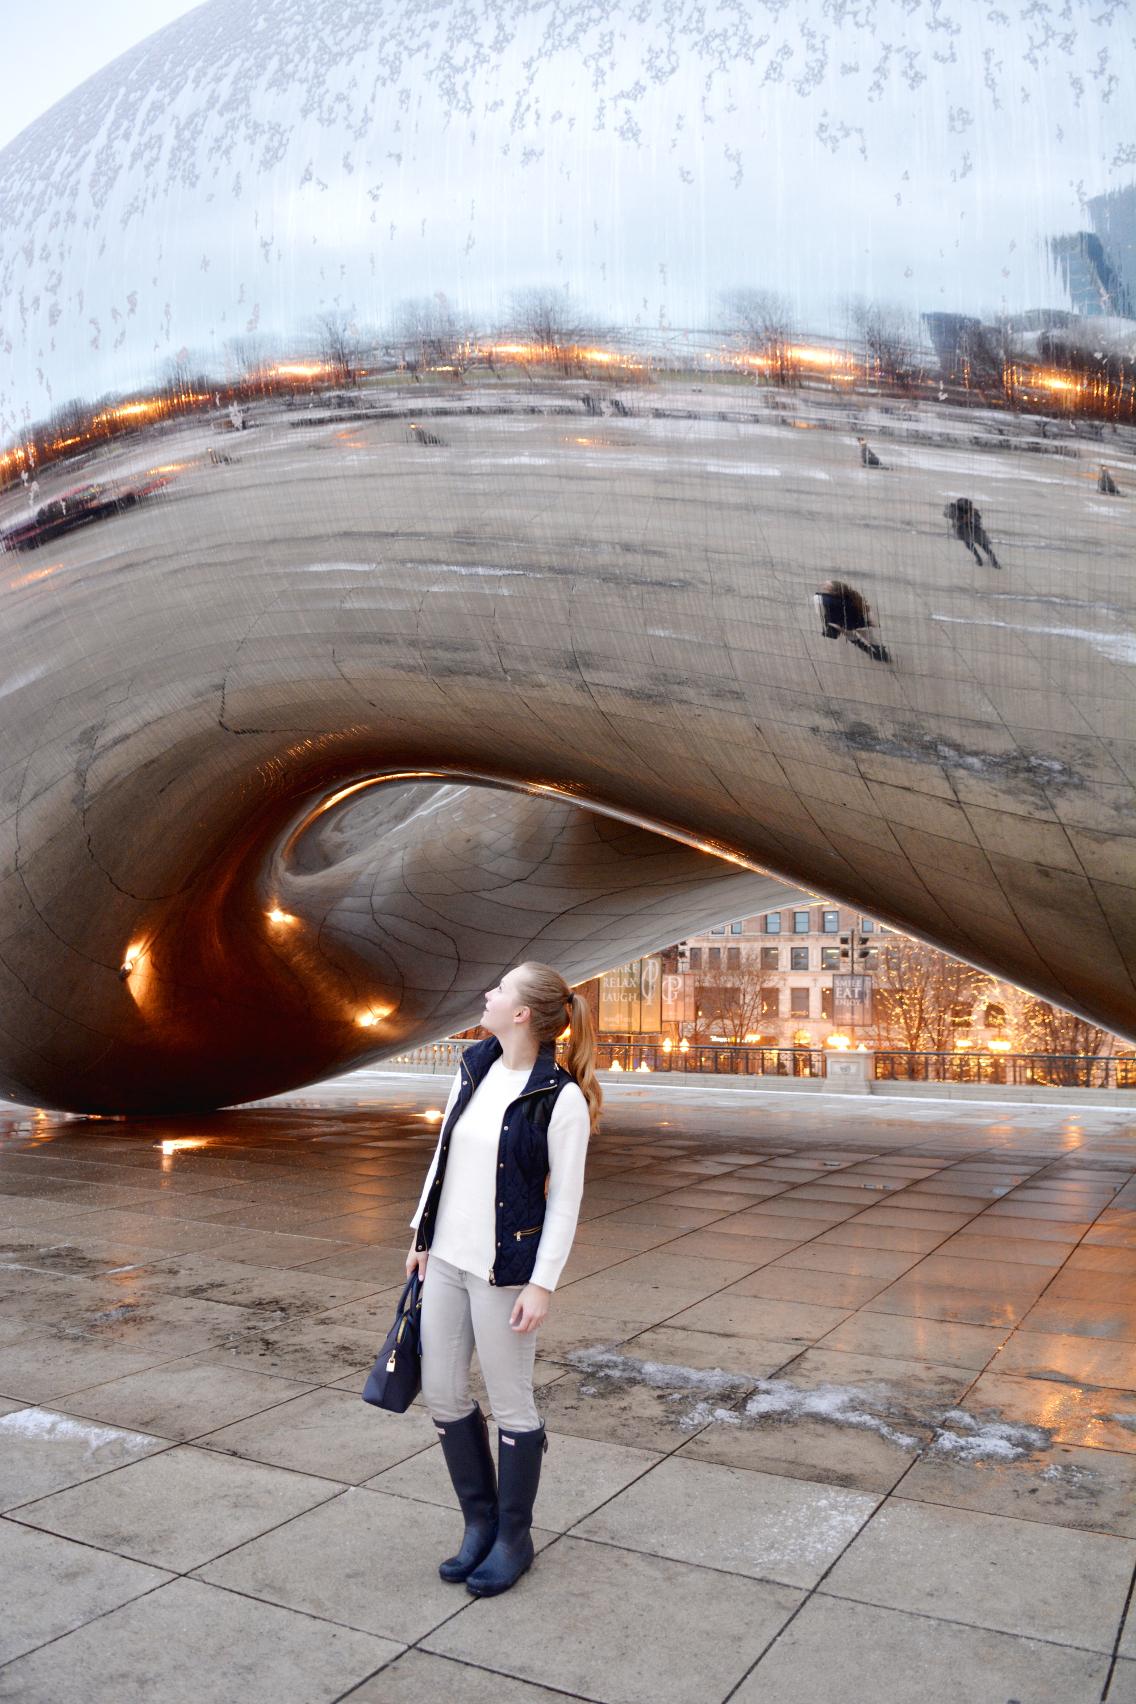 Chicago Millennium Park Cloud Gate The Bean 33